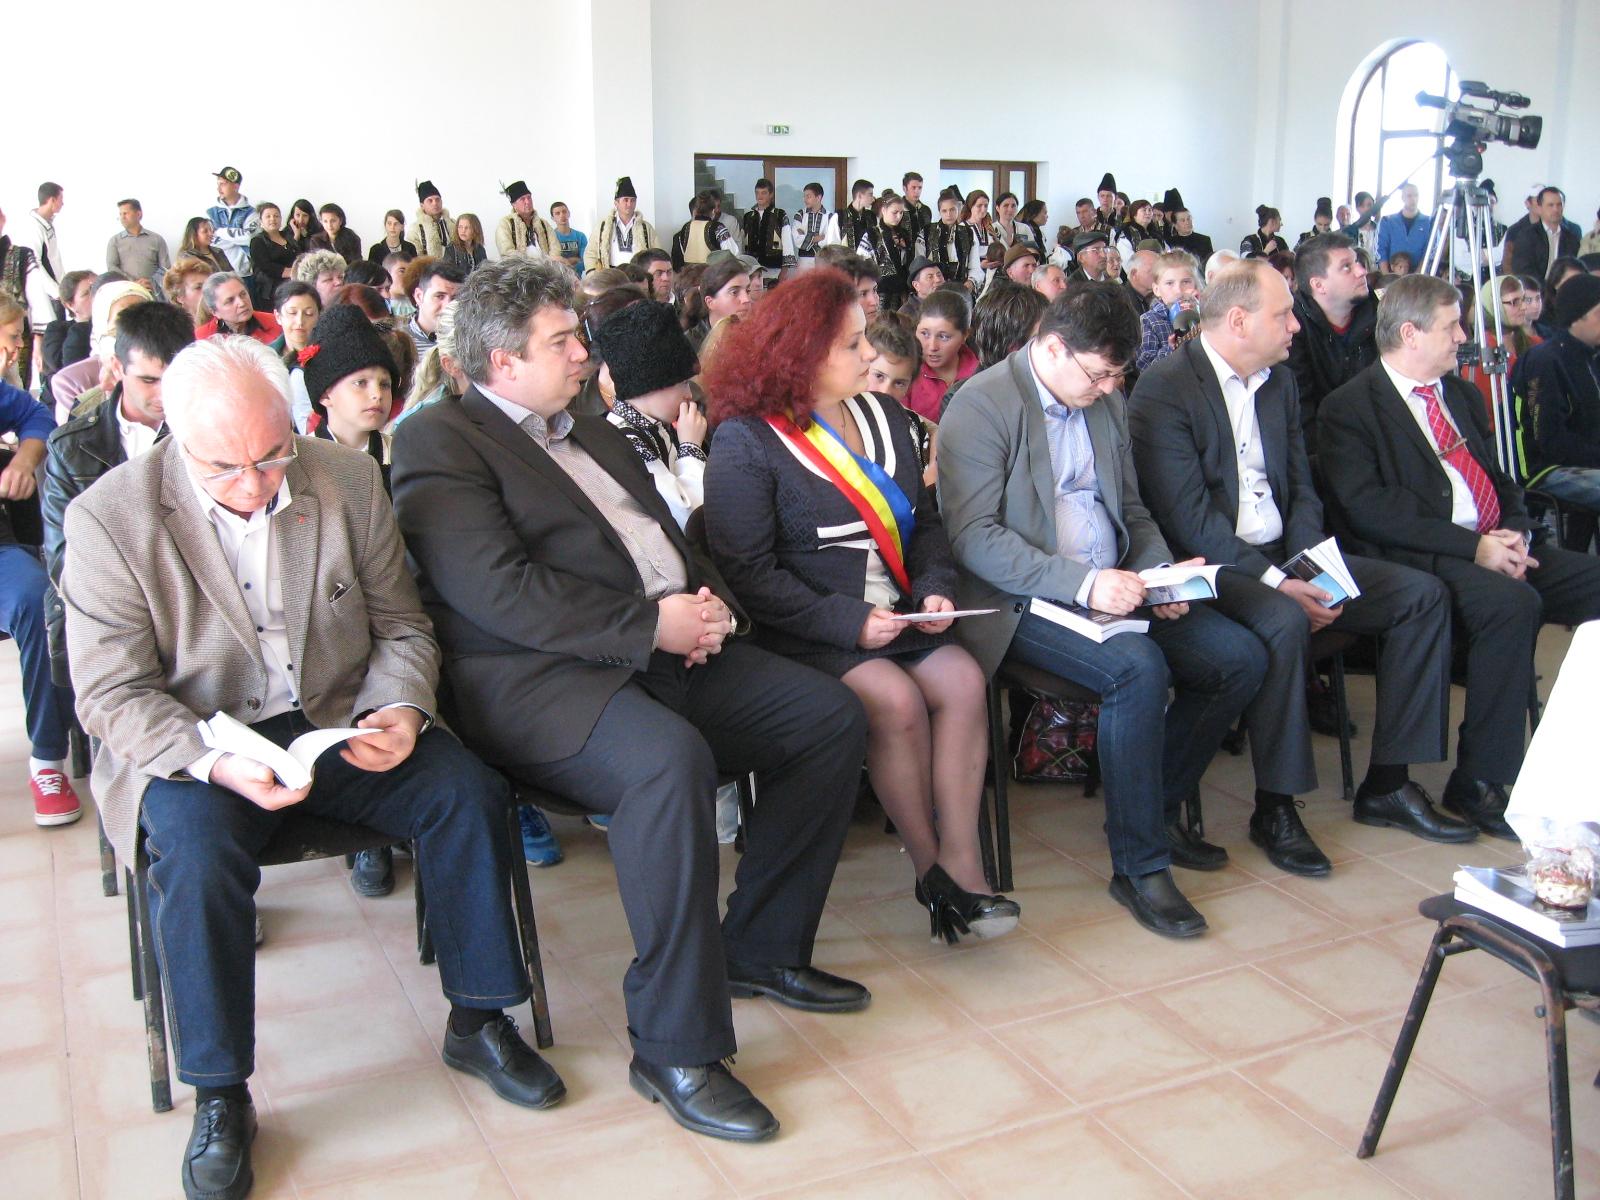 Constantin Mărgineanu, Ioan Cătălin Nechifor, Violeta Ţăran, Tiberiu Brădăţan, Ovidiu Donţu şi Viorel Varvaroi